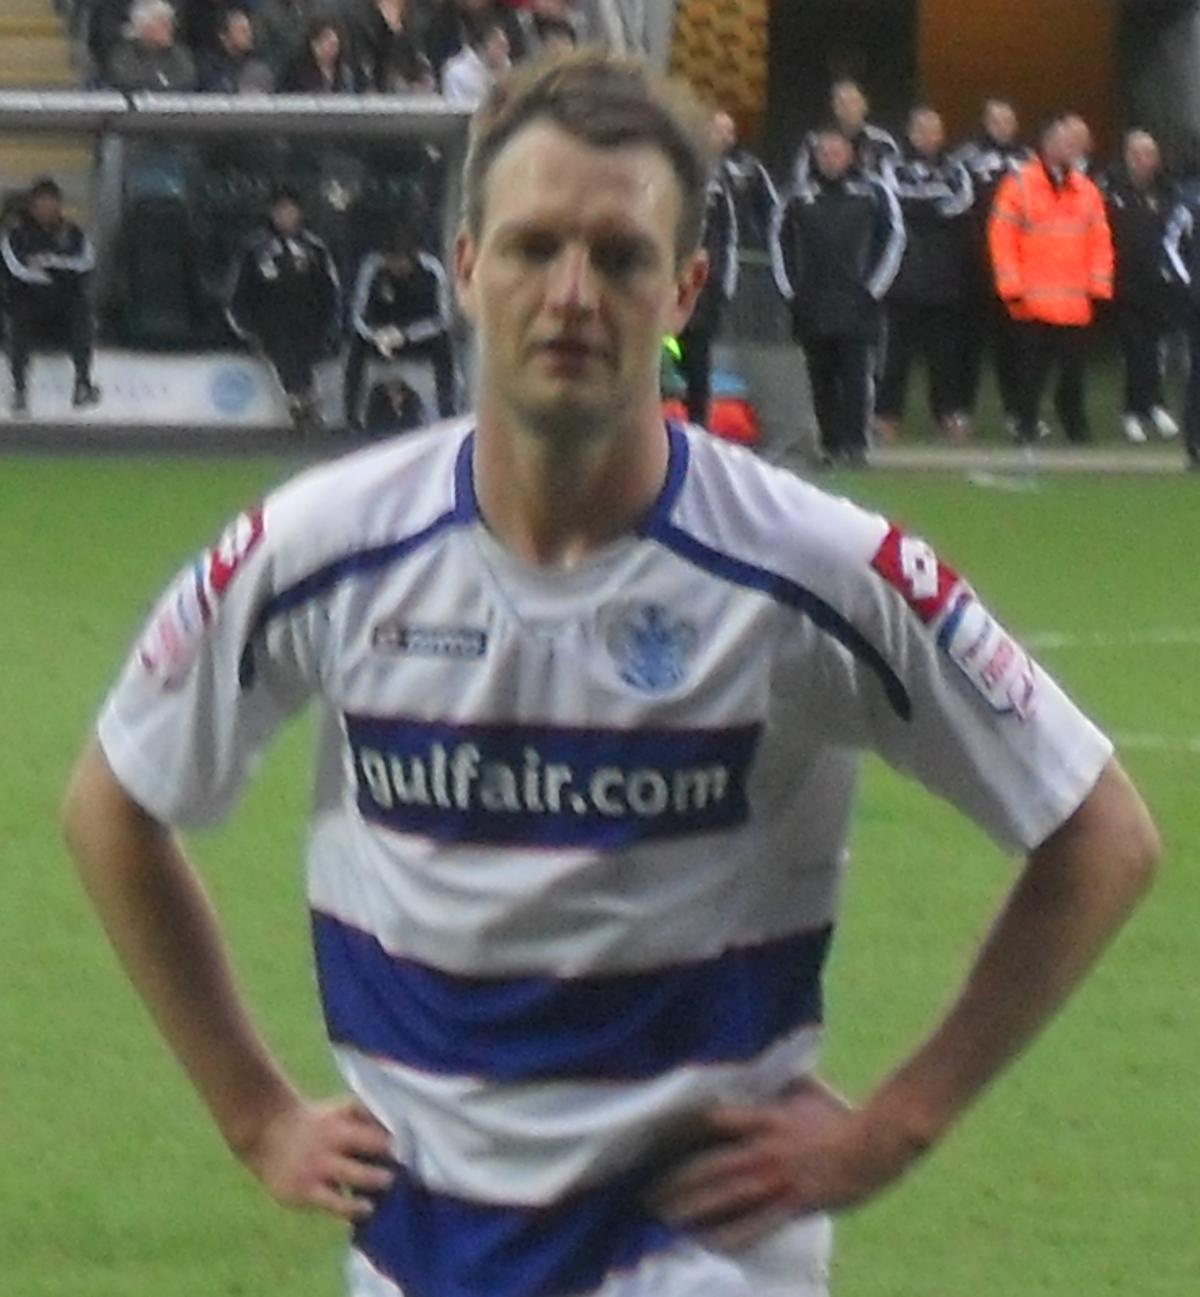 Clint Hill Footballer Wikipedia